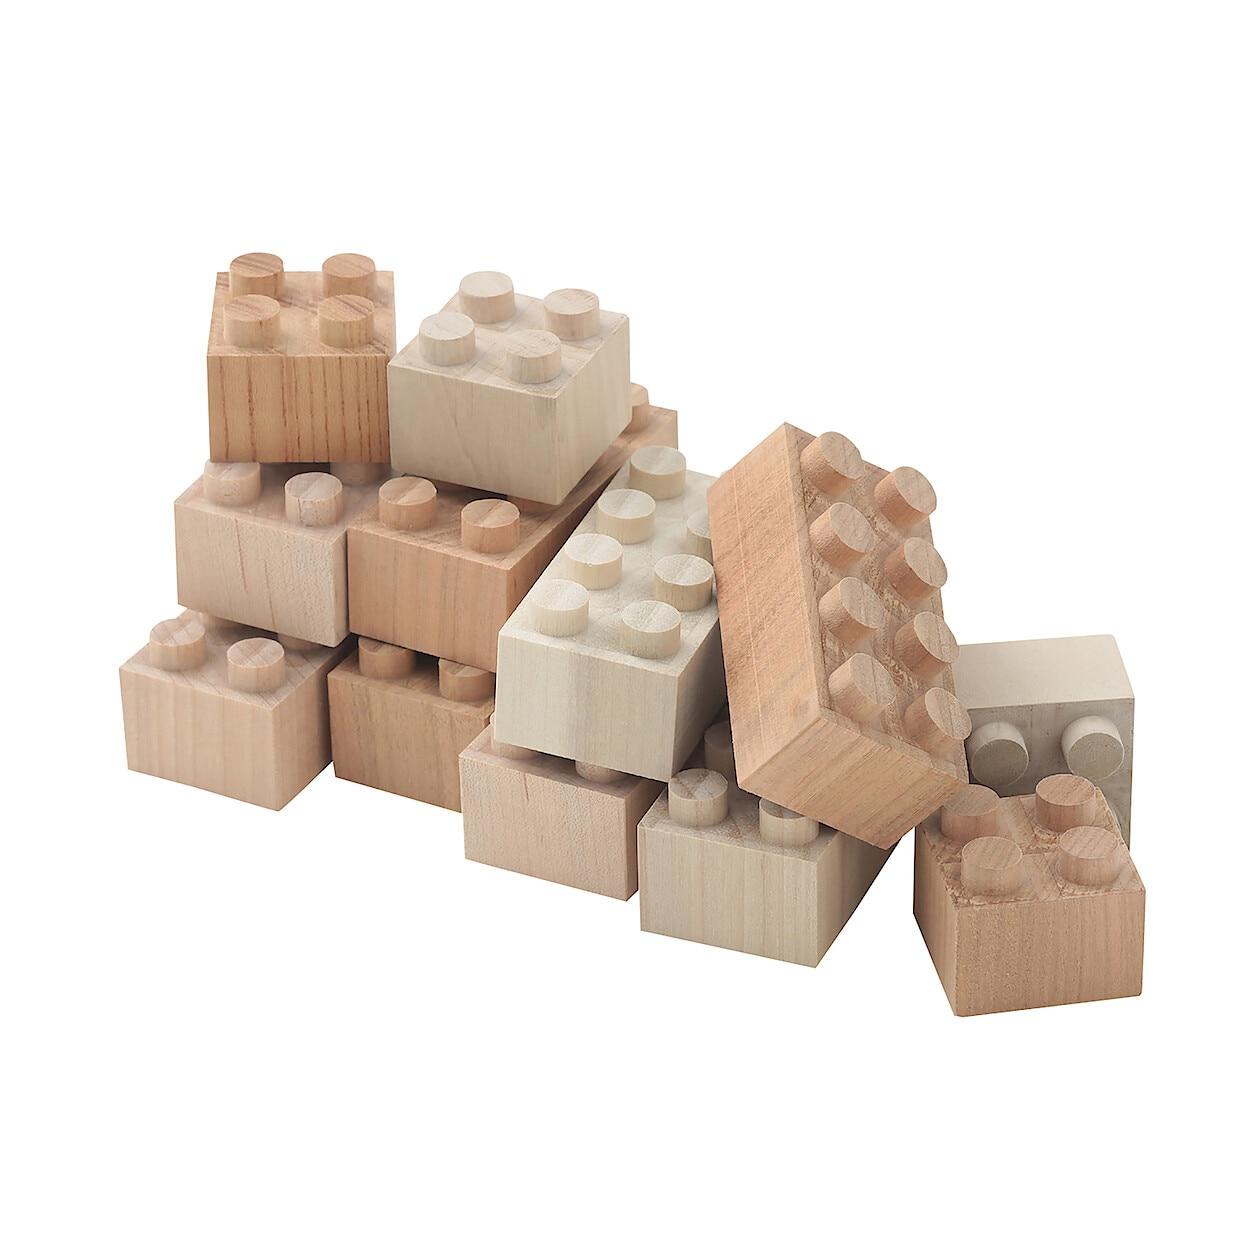 日本の木のおもちゃ_木のブロック・もくロック・大